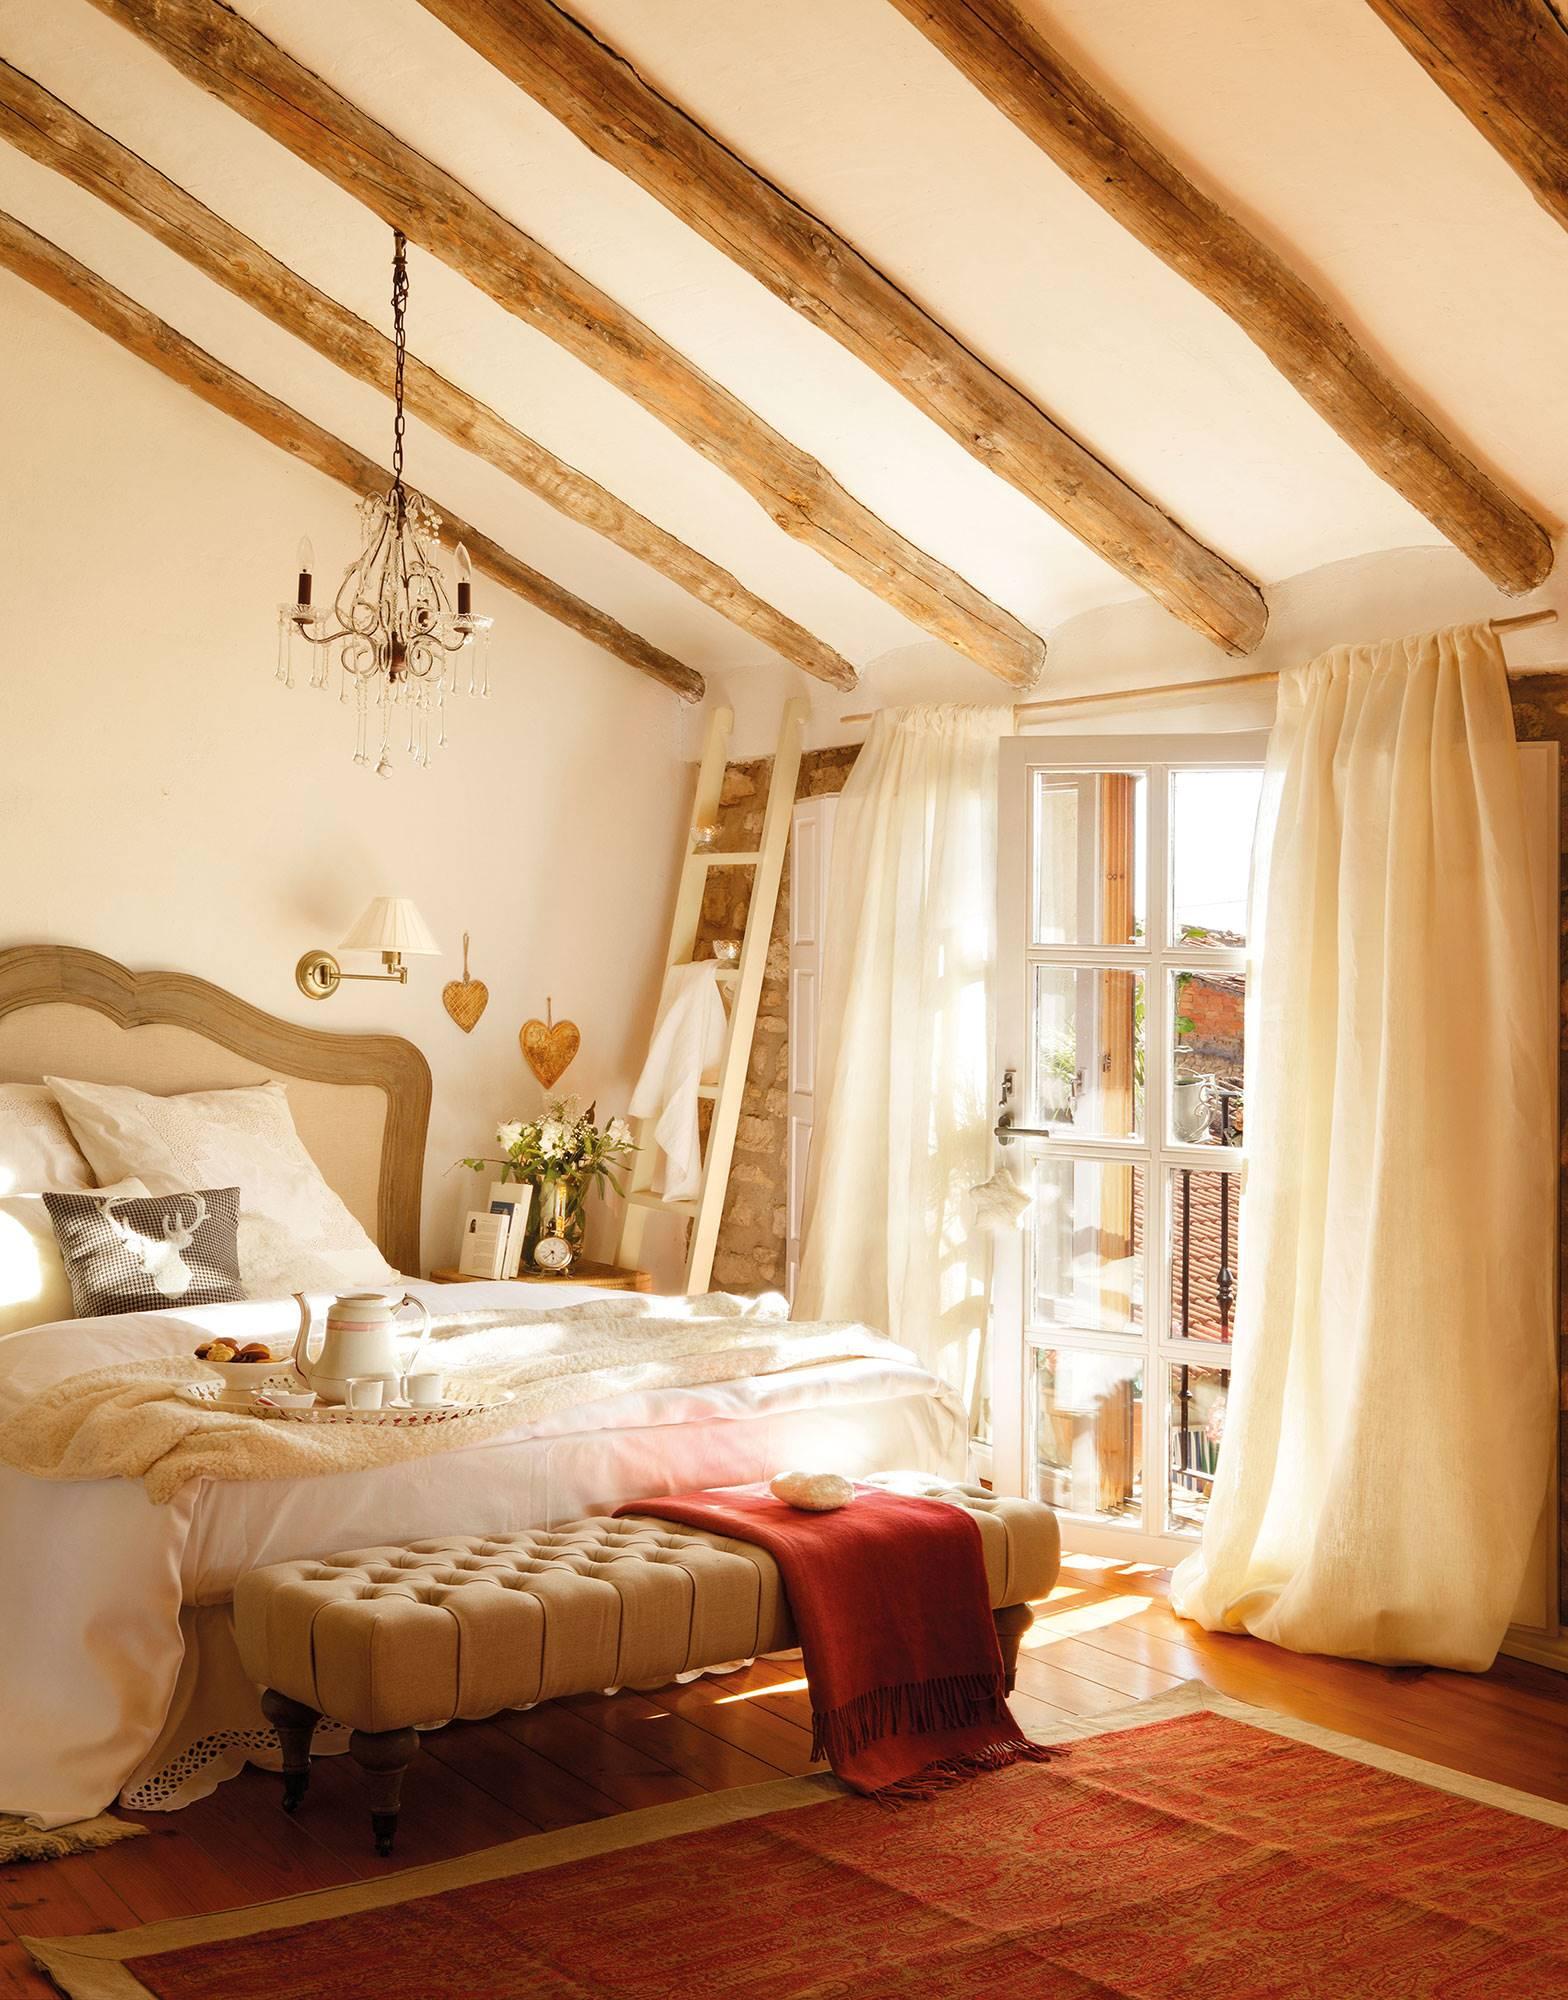 dormitorio-con-vigas-de-madera-y-cabecero-de-madera-y-entelado a6edfeaa. Dormitorio romántico rural